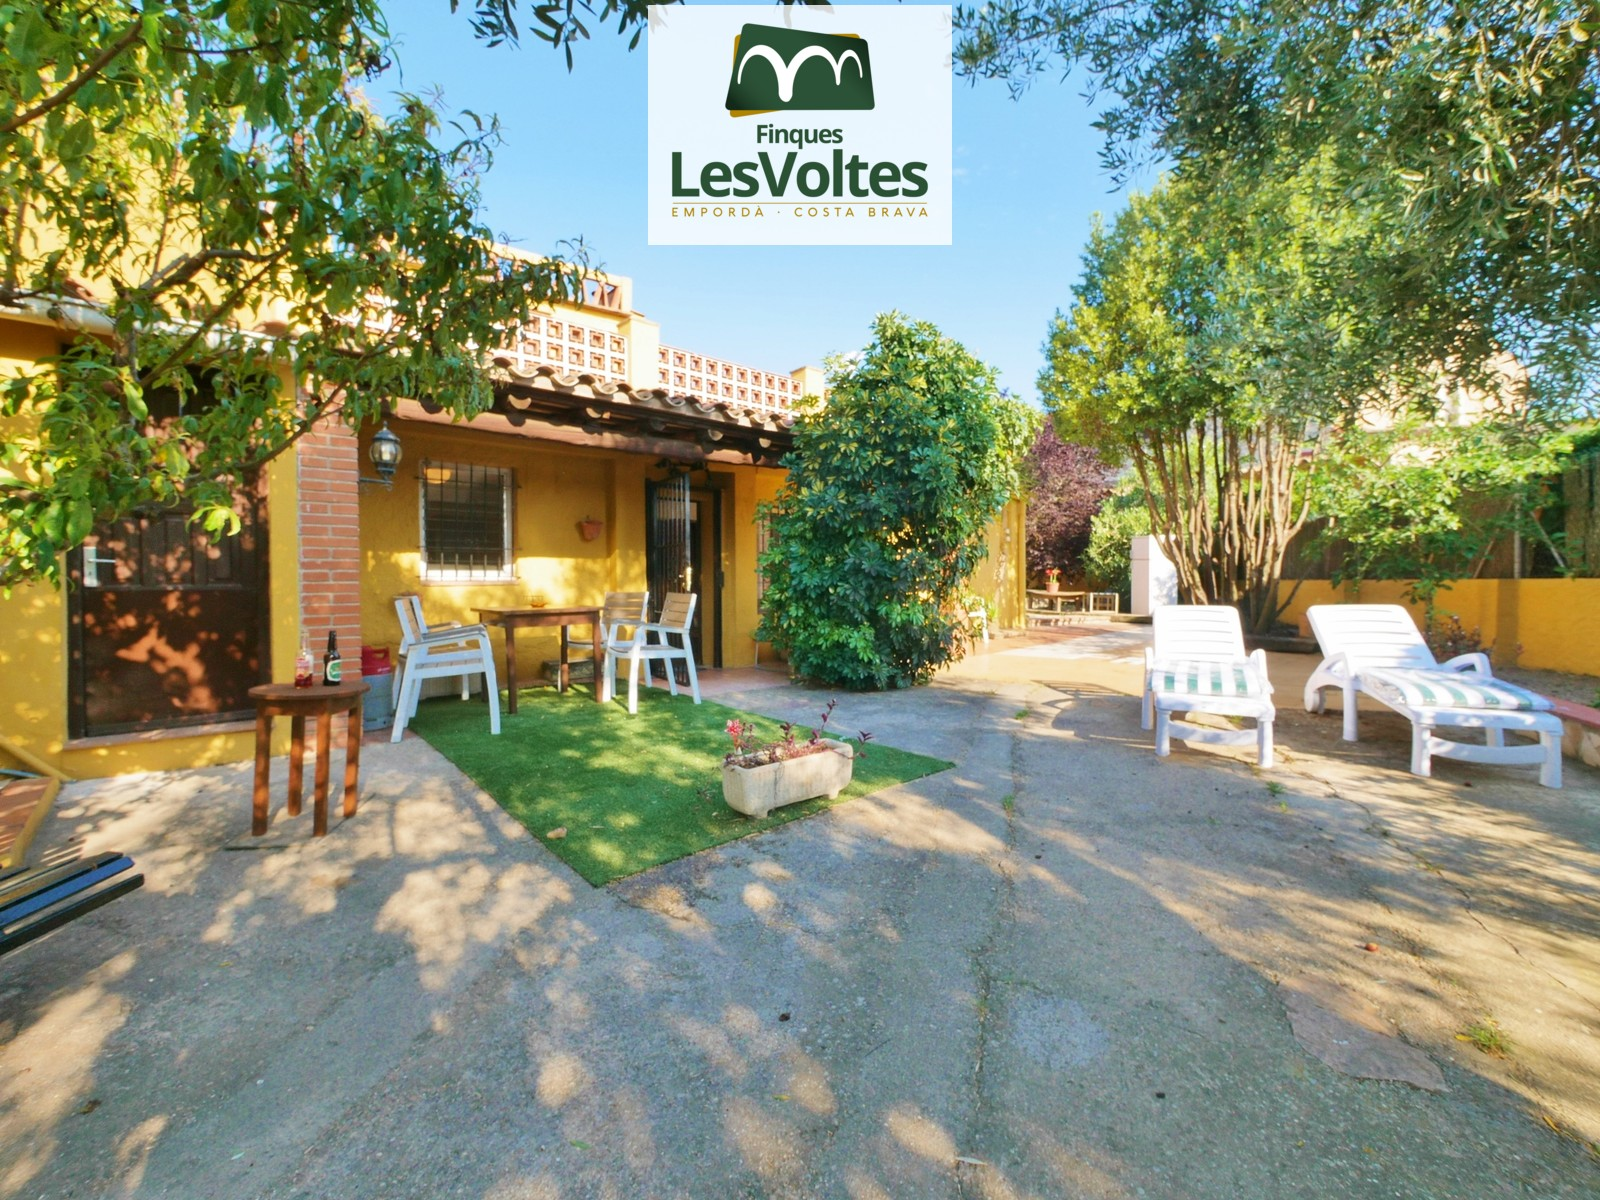 Casa amb jardí i terrassa en lloguer per temporada a Esclanyà. Zona residencial tranquil·la i de fàcil accés.